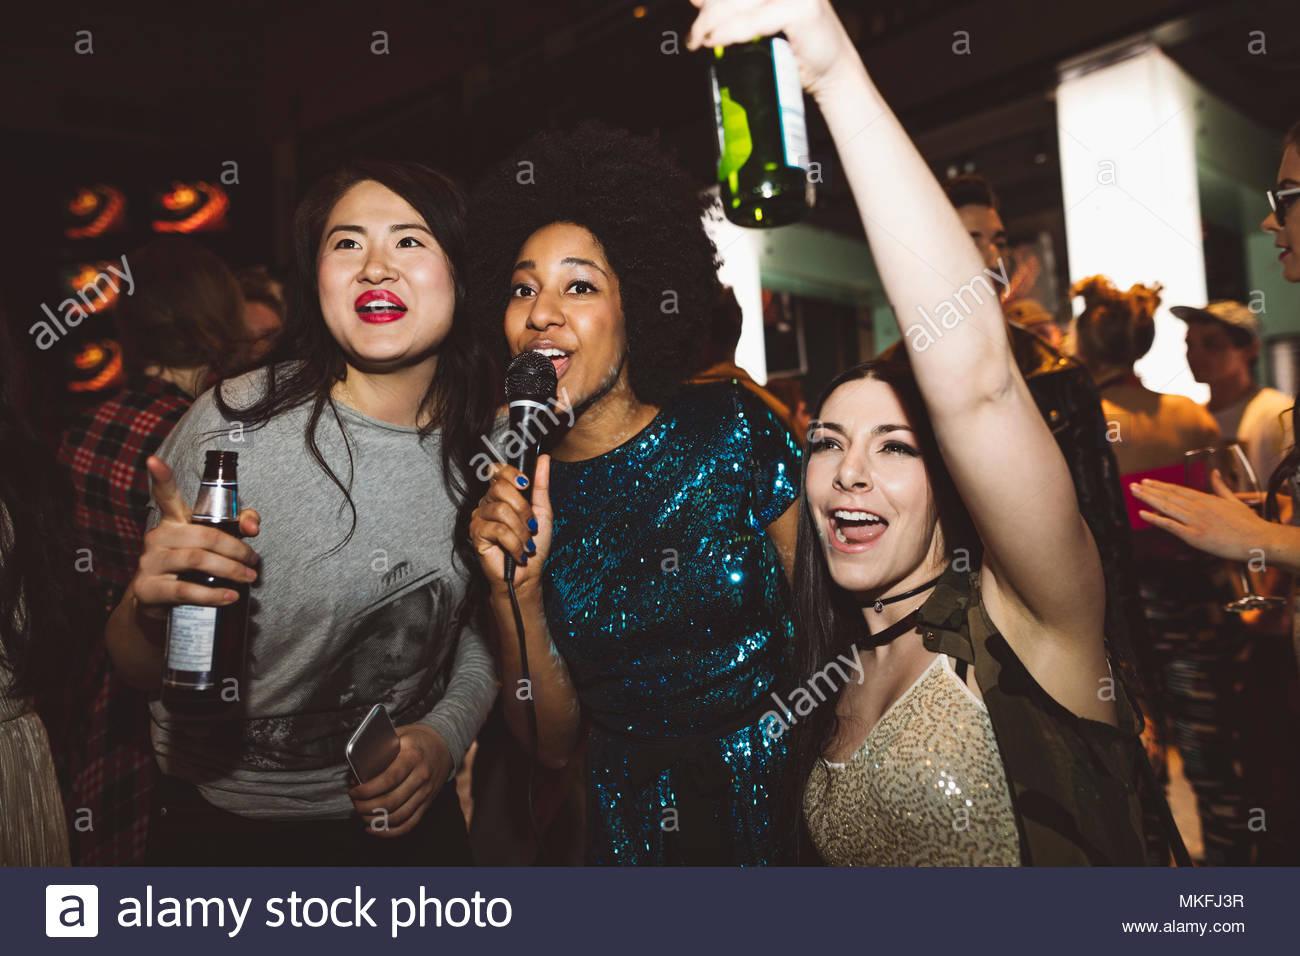 Les jeunes femmes espiègles amis millénaire de boire une bière et singing karaoke at nightclub Photo Stock